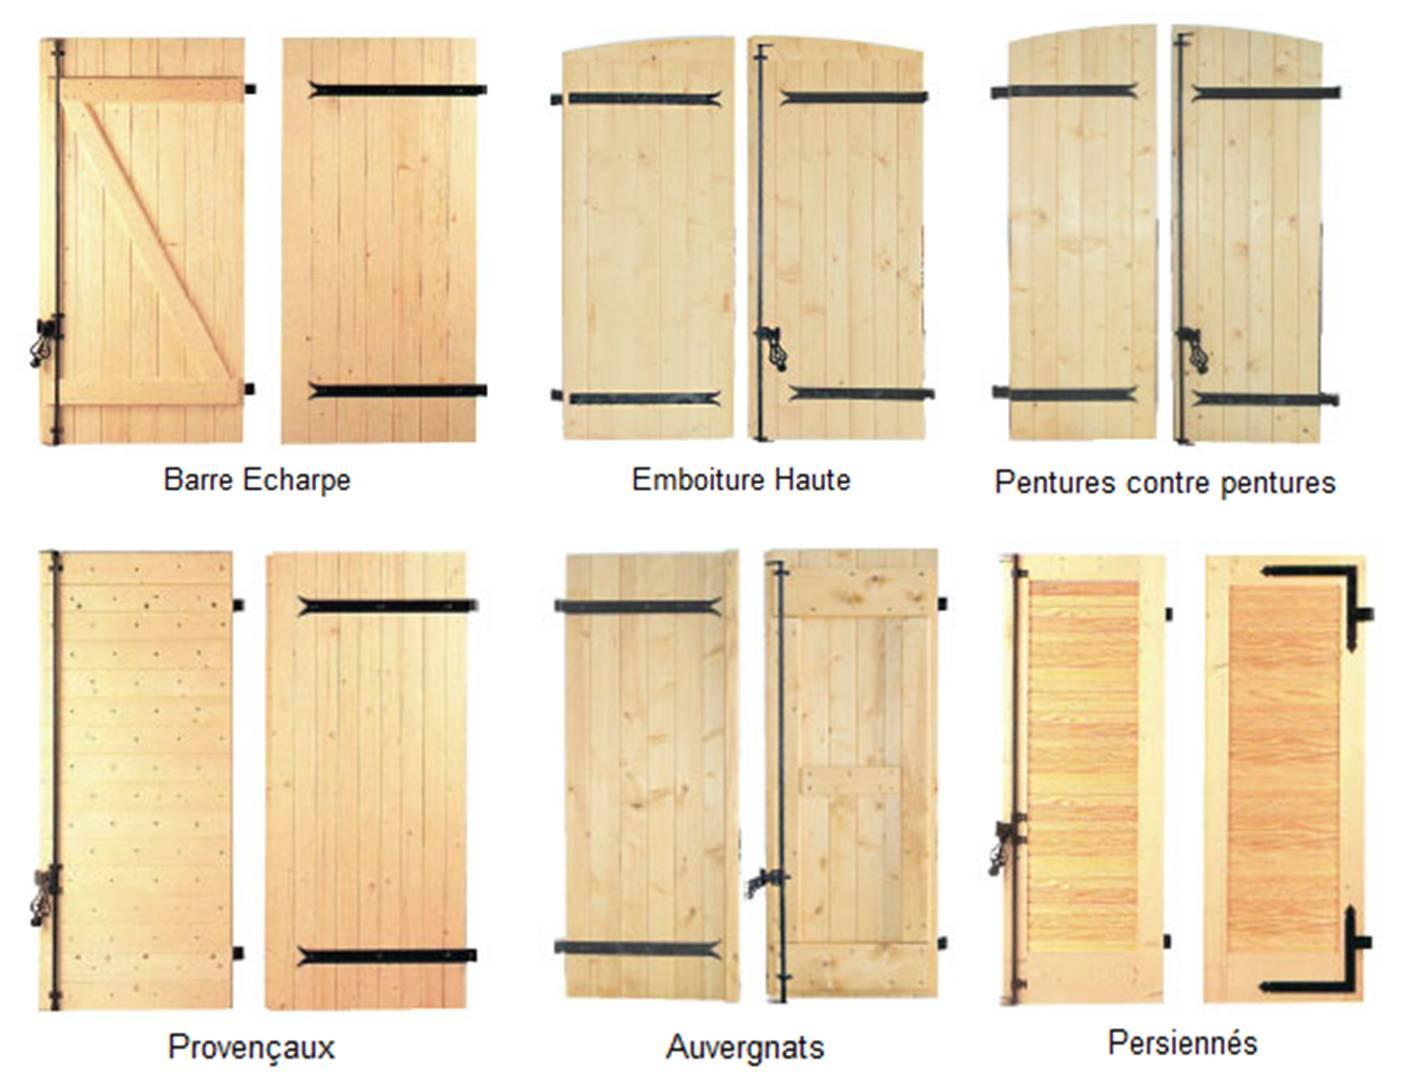 volets battants en bois. Black Bedroom Furniture Sets. Home Design Ideas